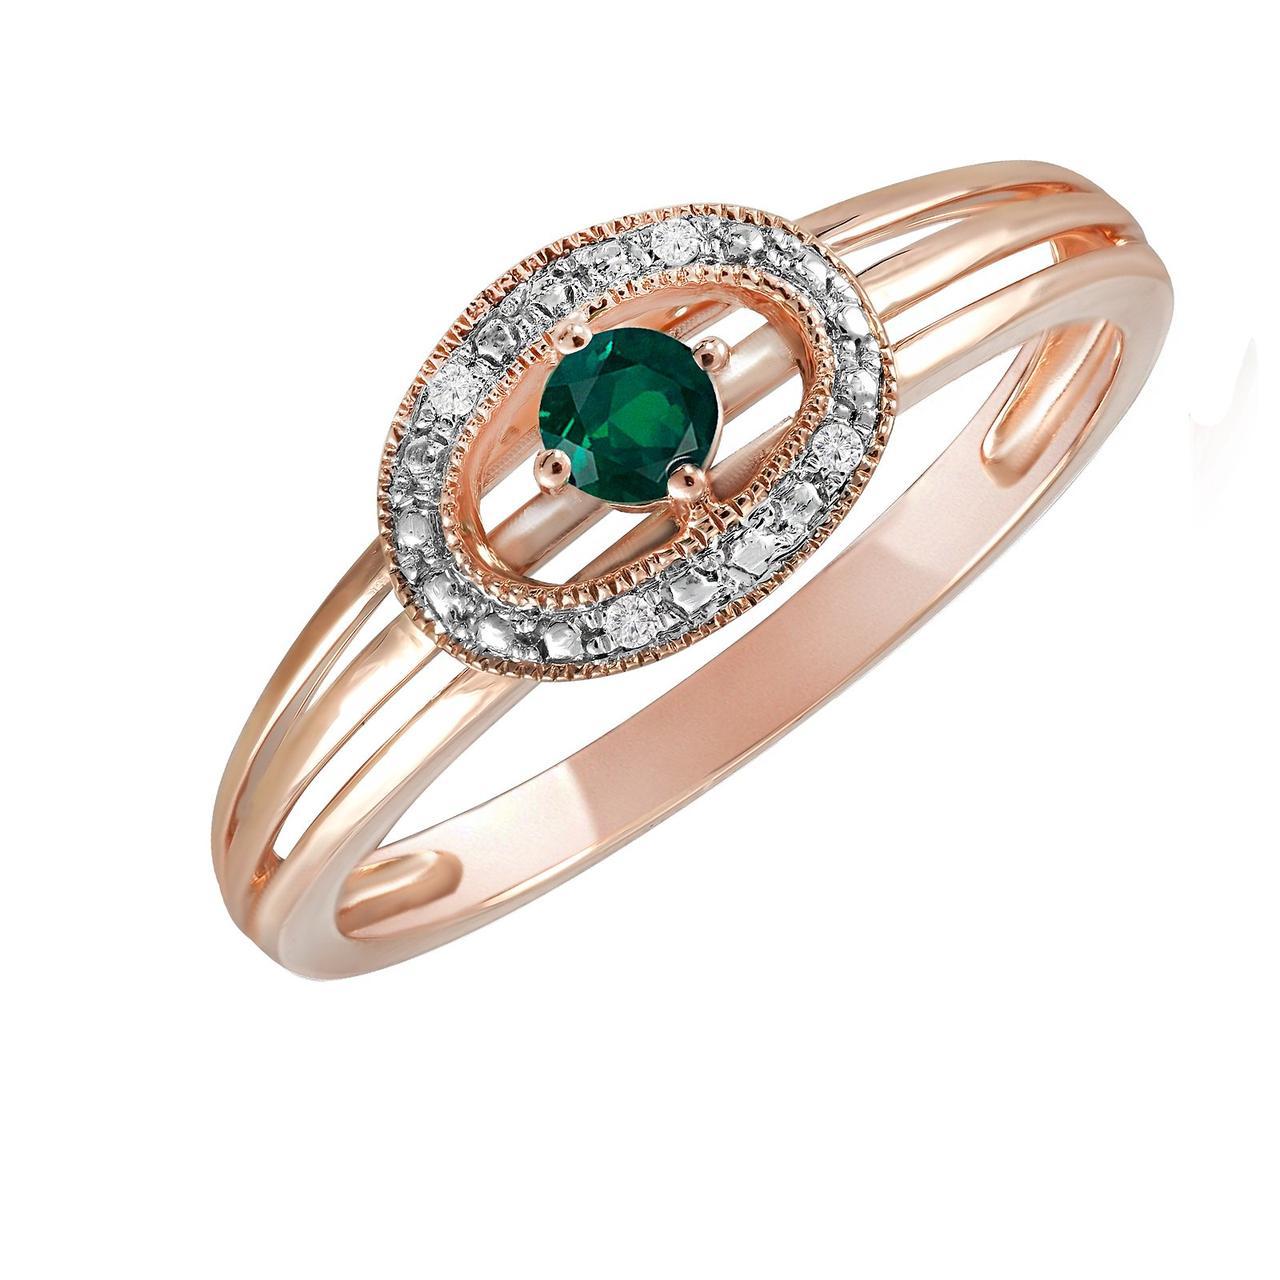 Золотое кольцо с бриллиантами и изумрудом, размер 16 (577915)